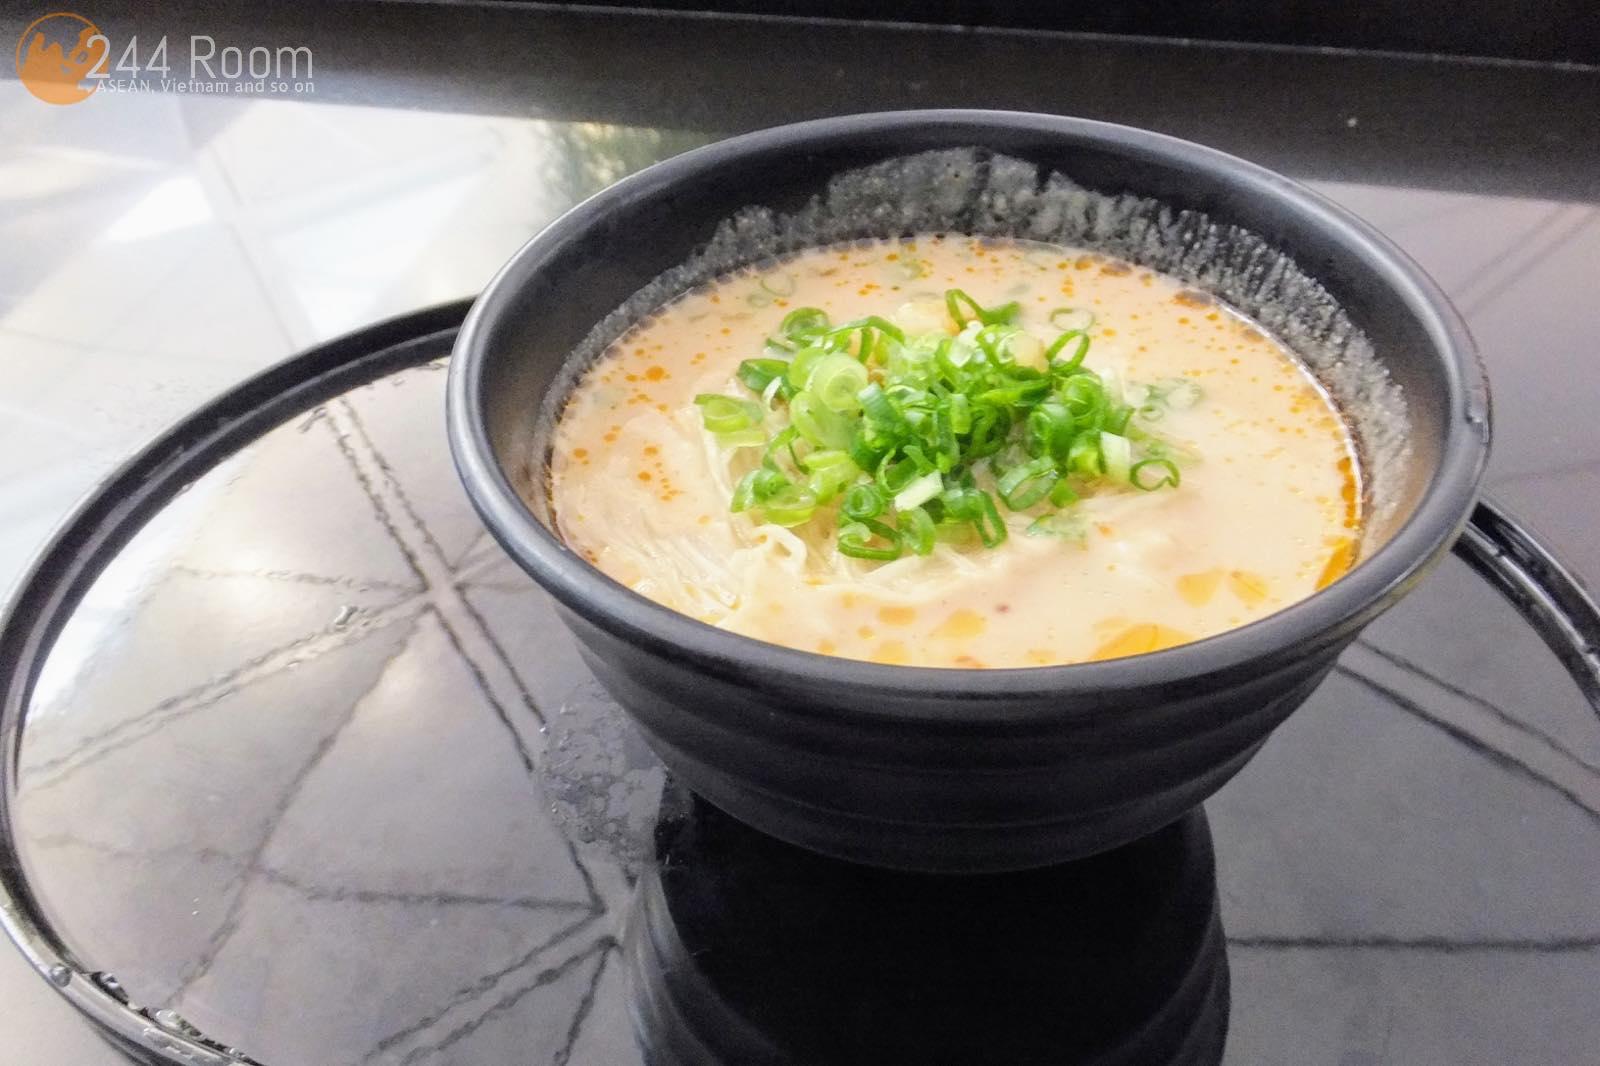 ザヌードルバー担々麺 The noodle bar dandan noodle2